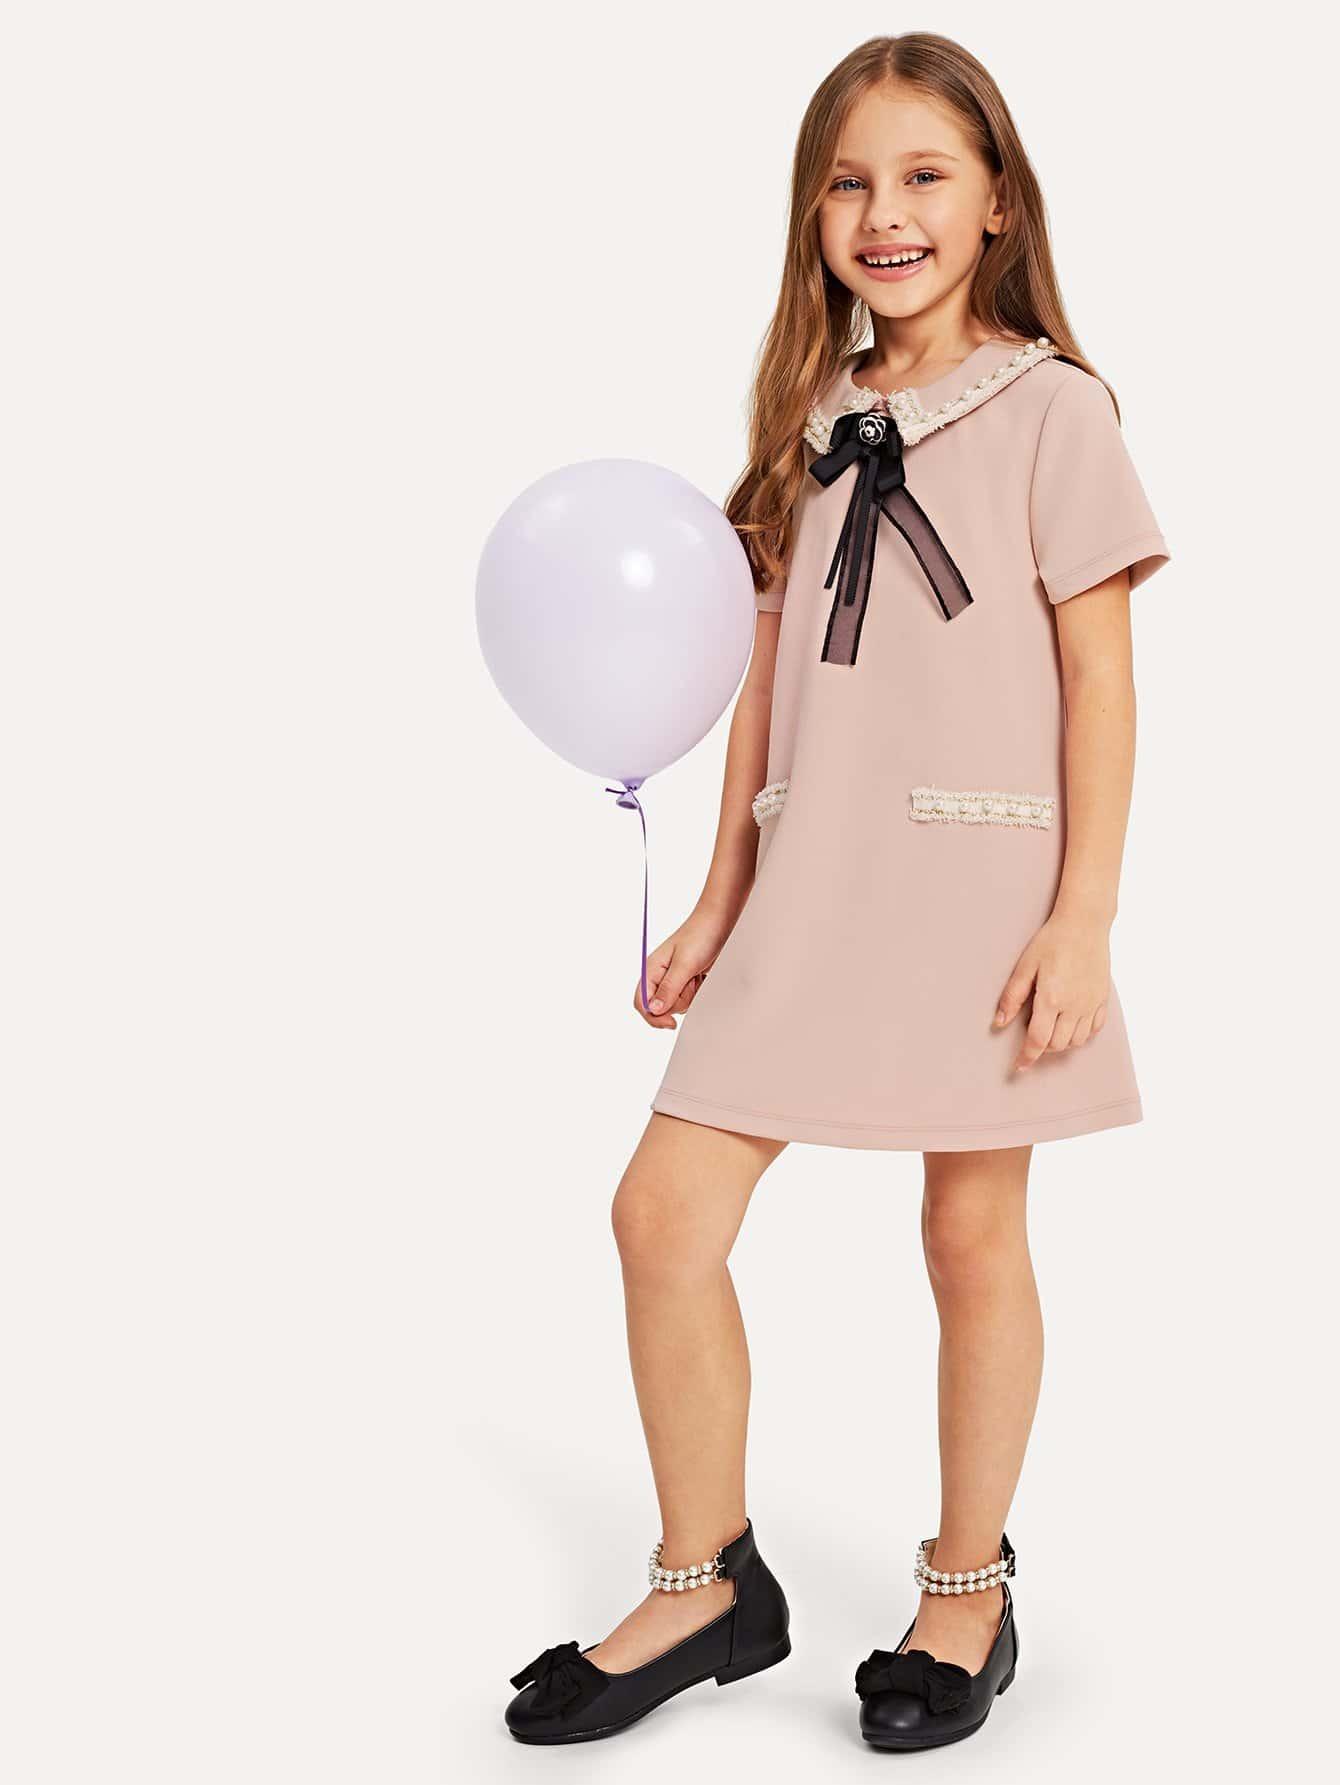 Купить Для девочек платье на молнии сзади с бисерами, Anna C, SheIn